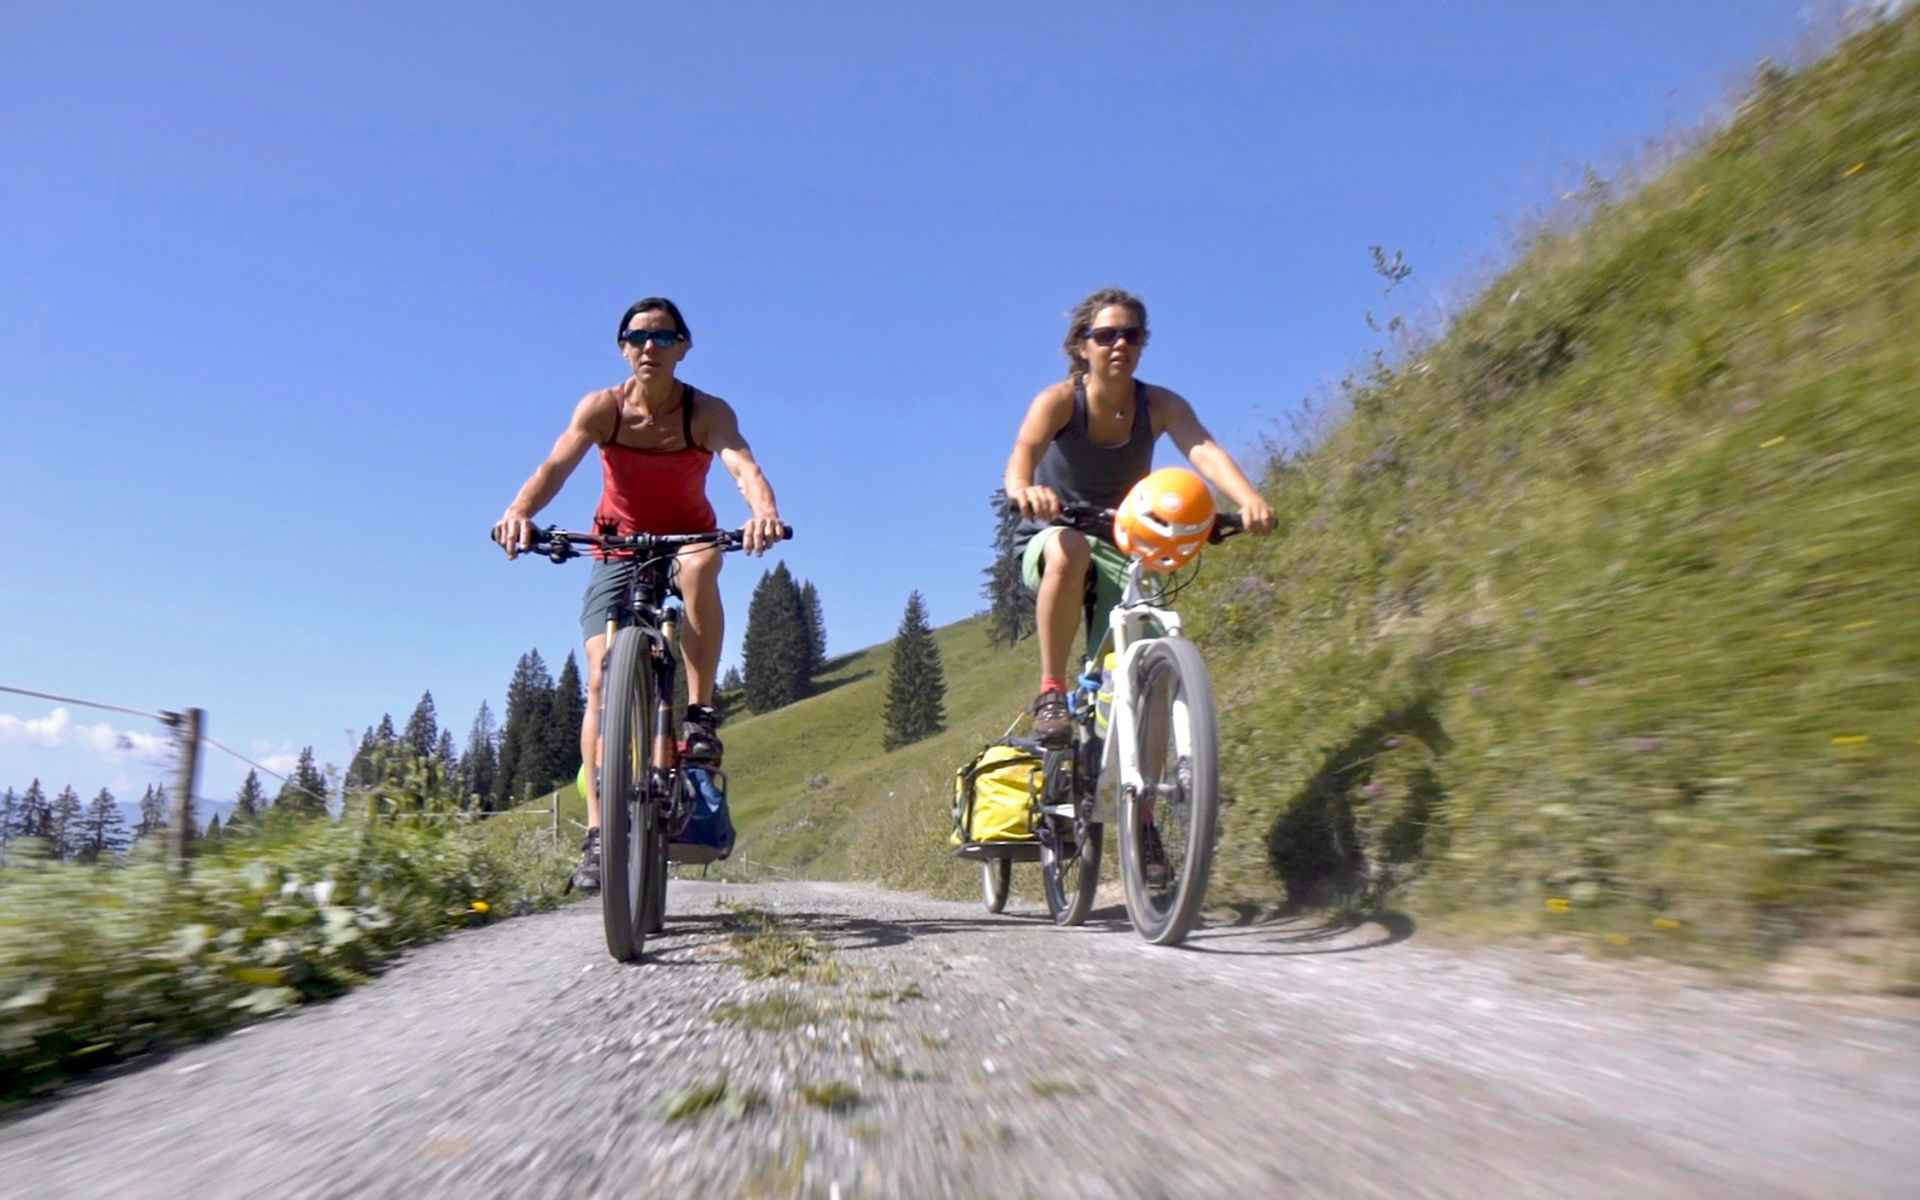 Les deux femmes ont choisi de traverser la Suisse en VTT.